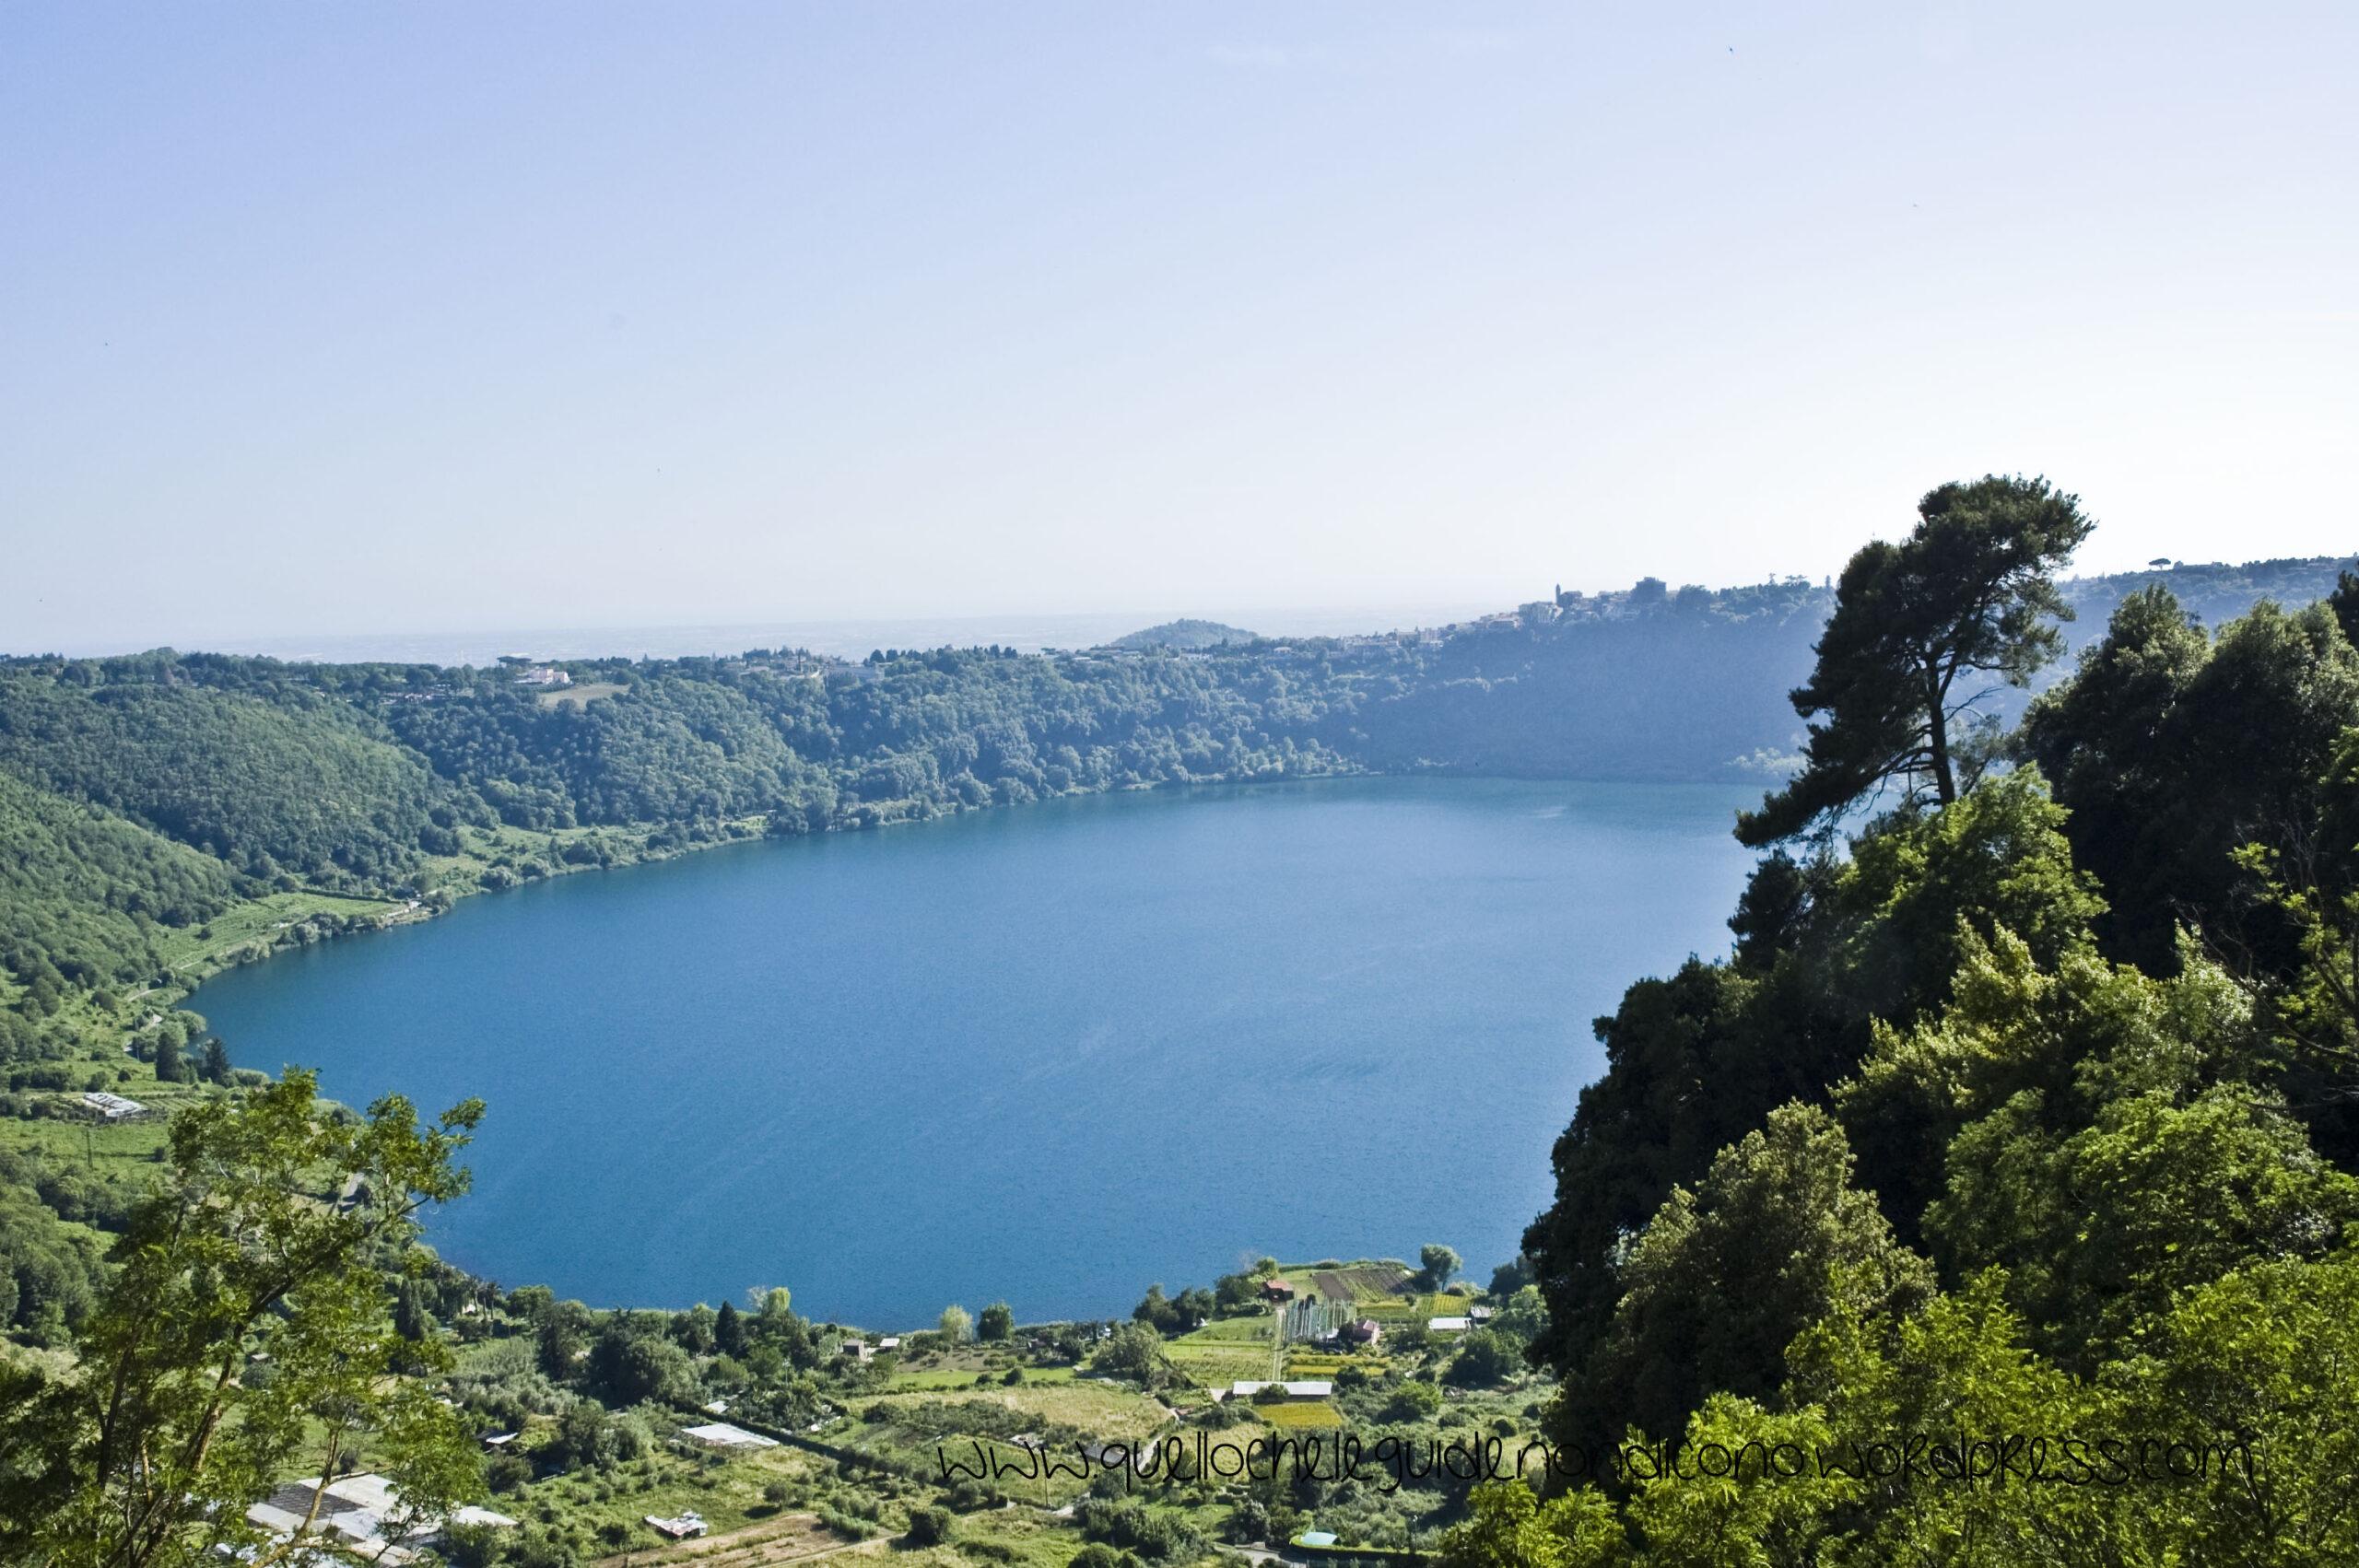 Lac - Lago di Nemi - Castelli Romani